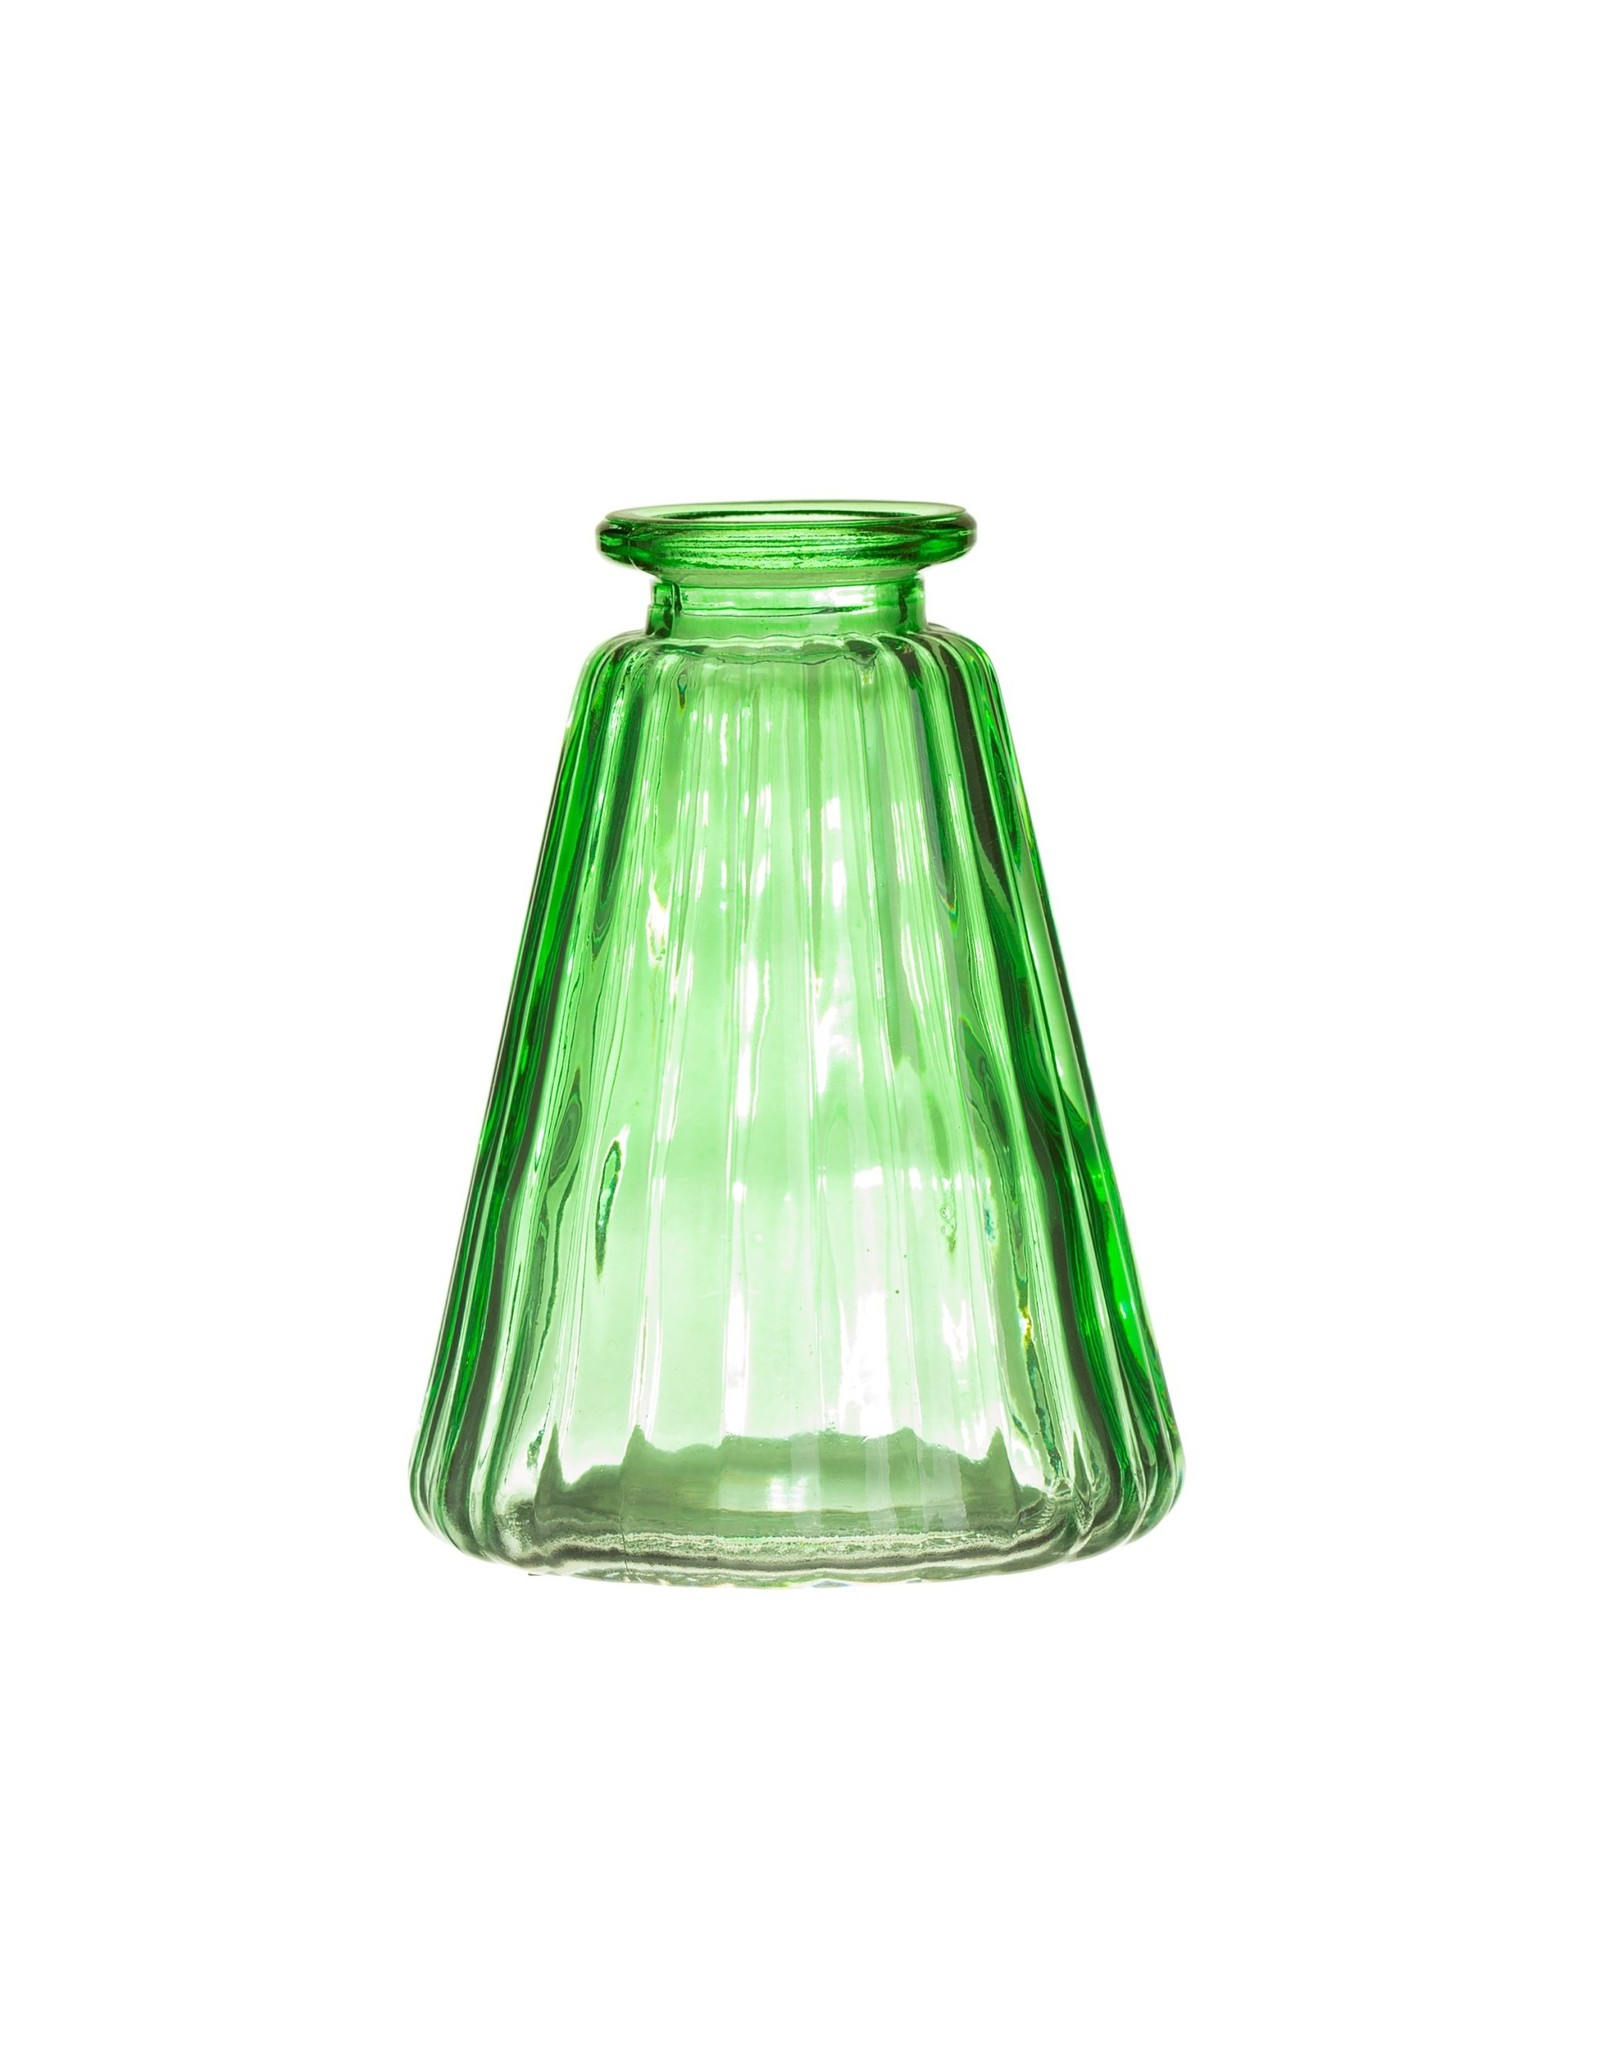 Vaasje glas groen schuin